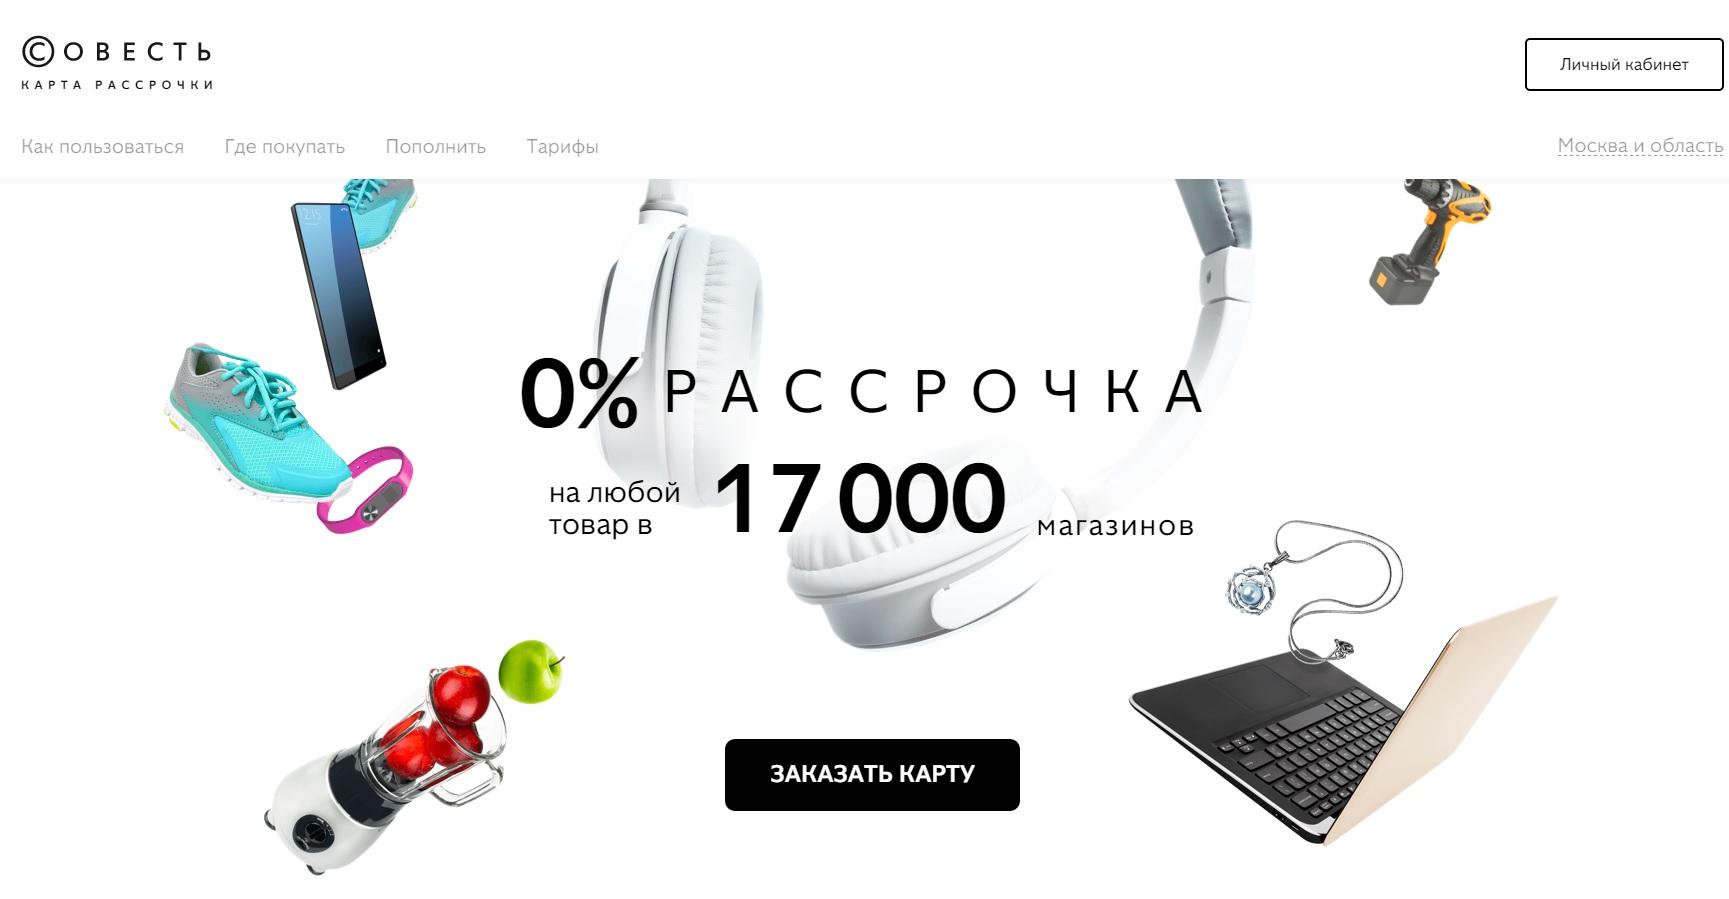 """Официальный сайт карты рассрочки """"Совесть"""" sovest.ru"""